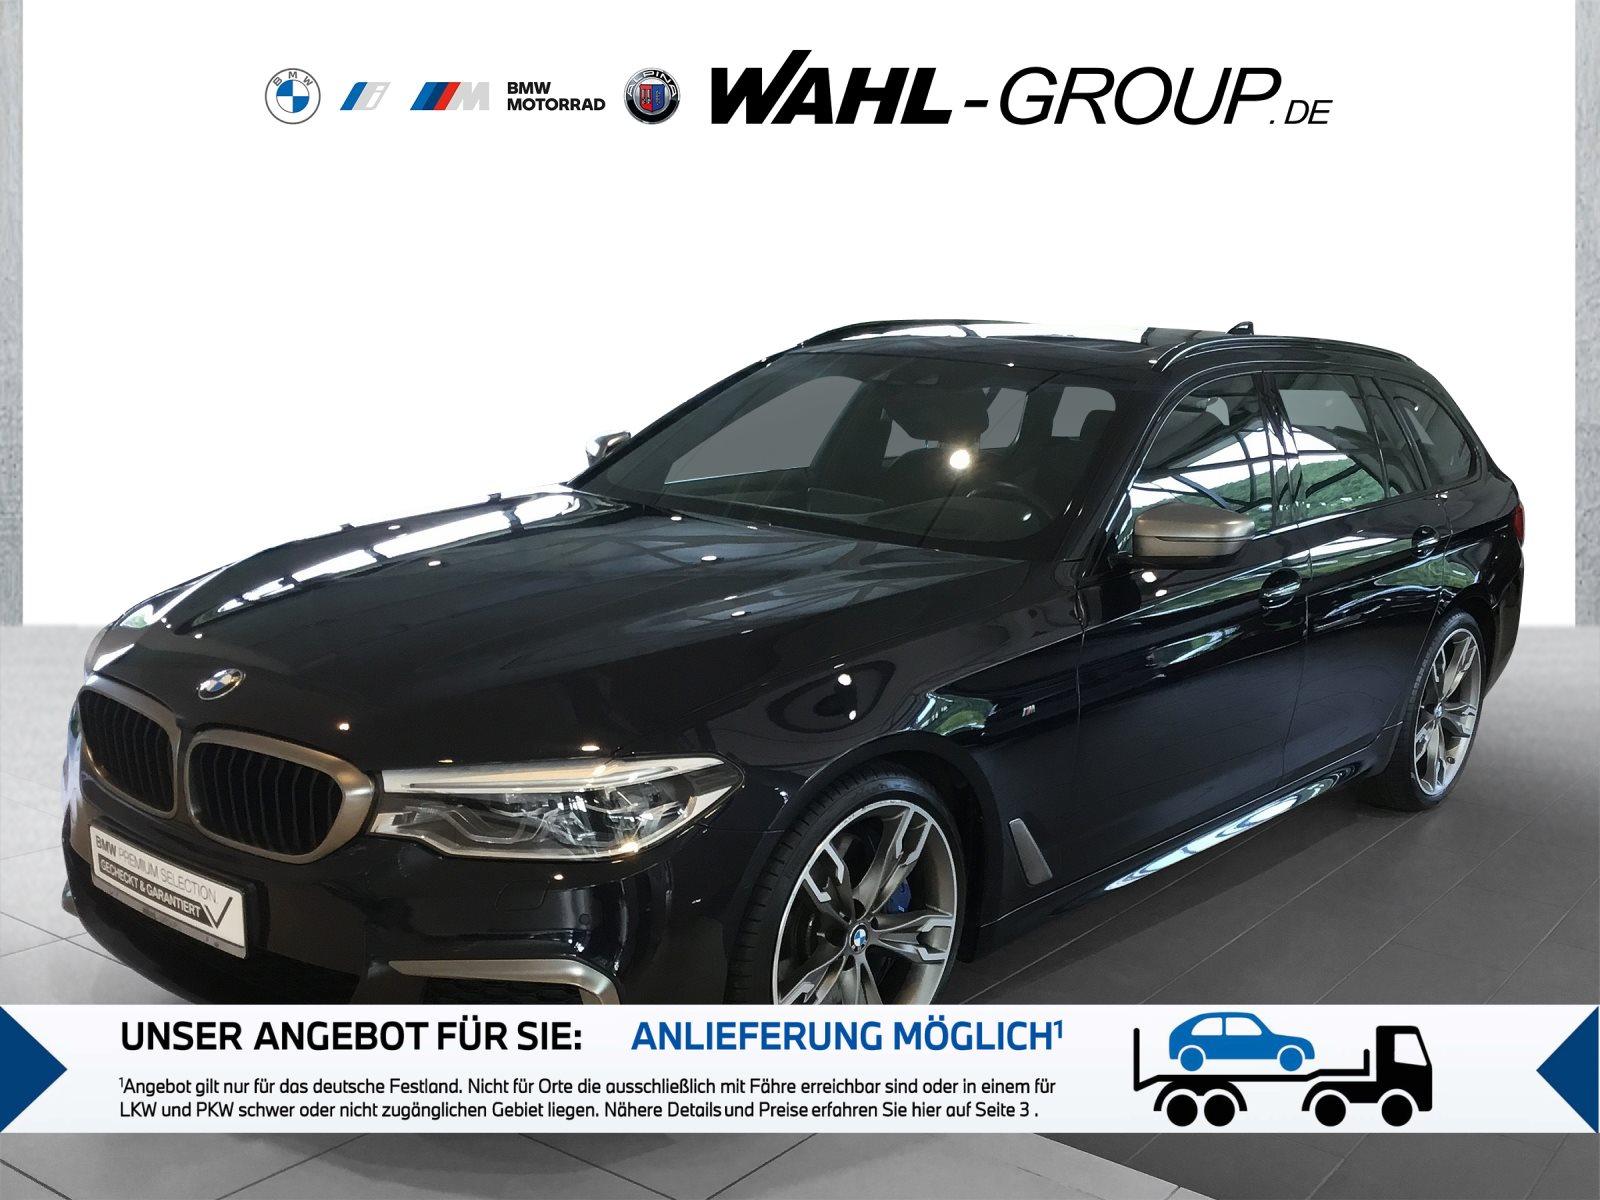 BMW M550d xDrive Touring Leder Navi Prof. Standhzg. LED, Jahr 2018, Diesel